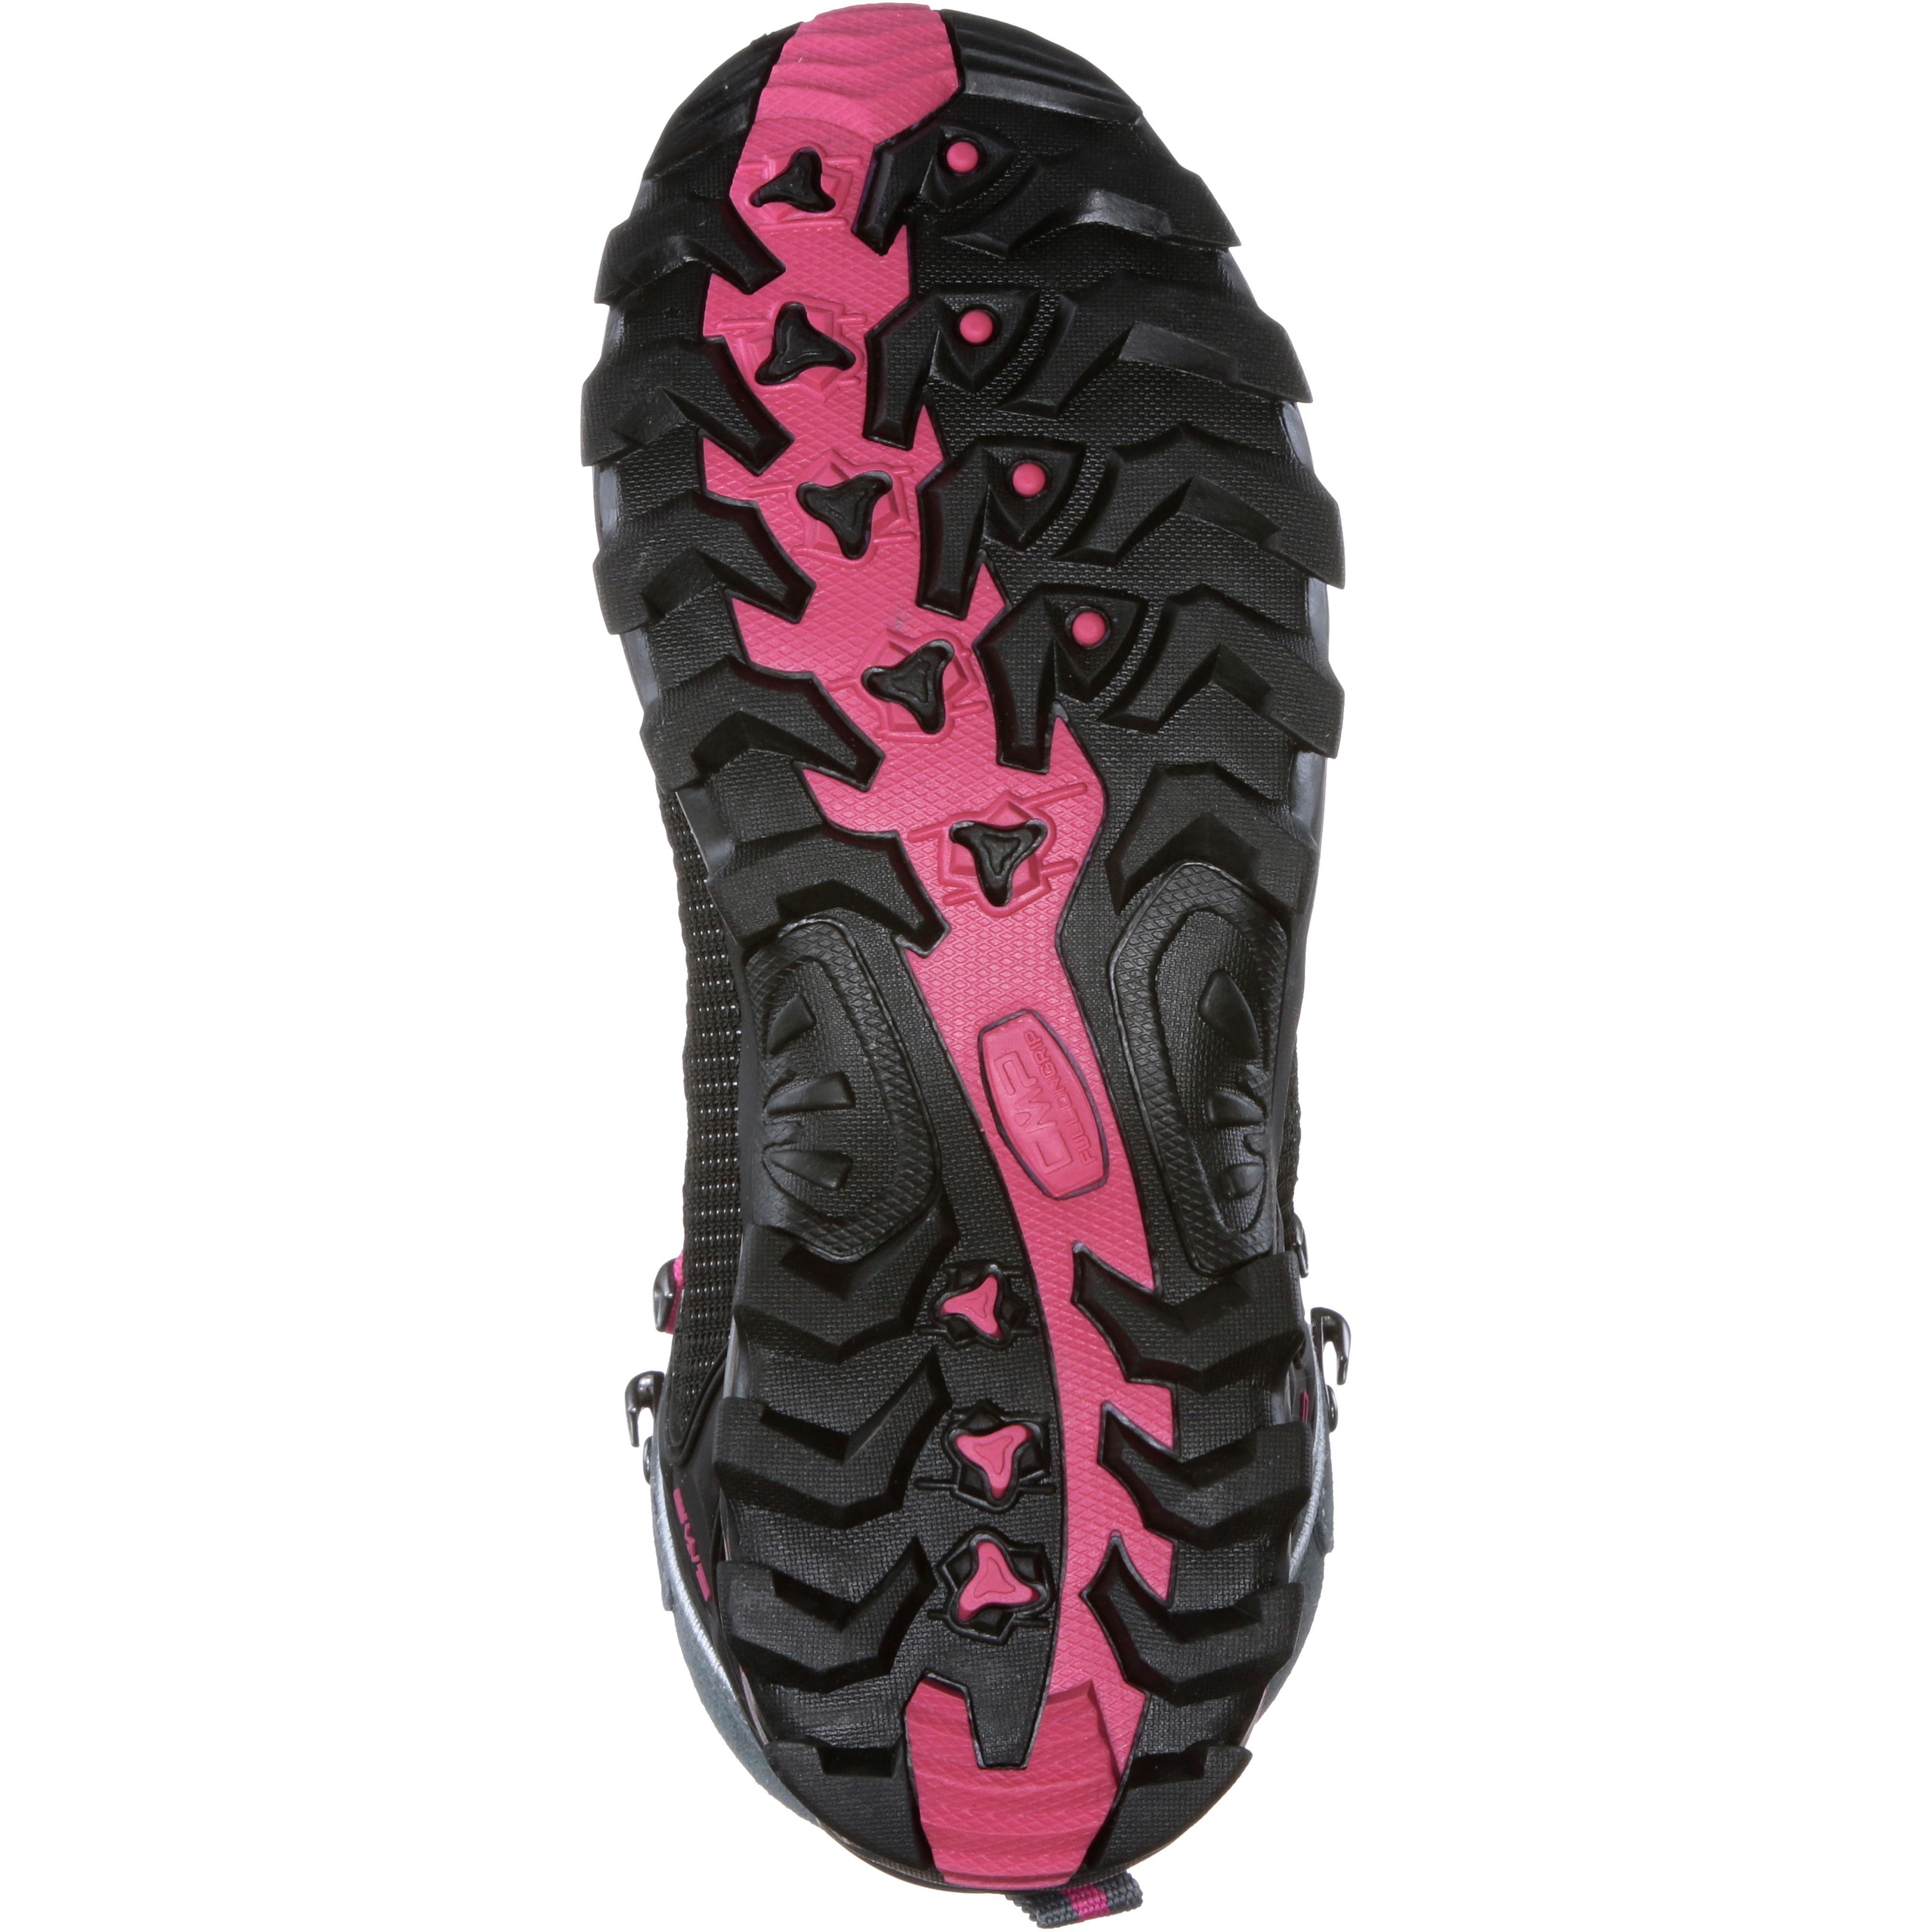 CMP Rigel Mid Wanderschuhe Damen blau im Online Shop von von von SportScheck kaufen Gute Qualität beliebte Schuhe aa08d8